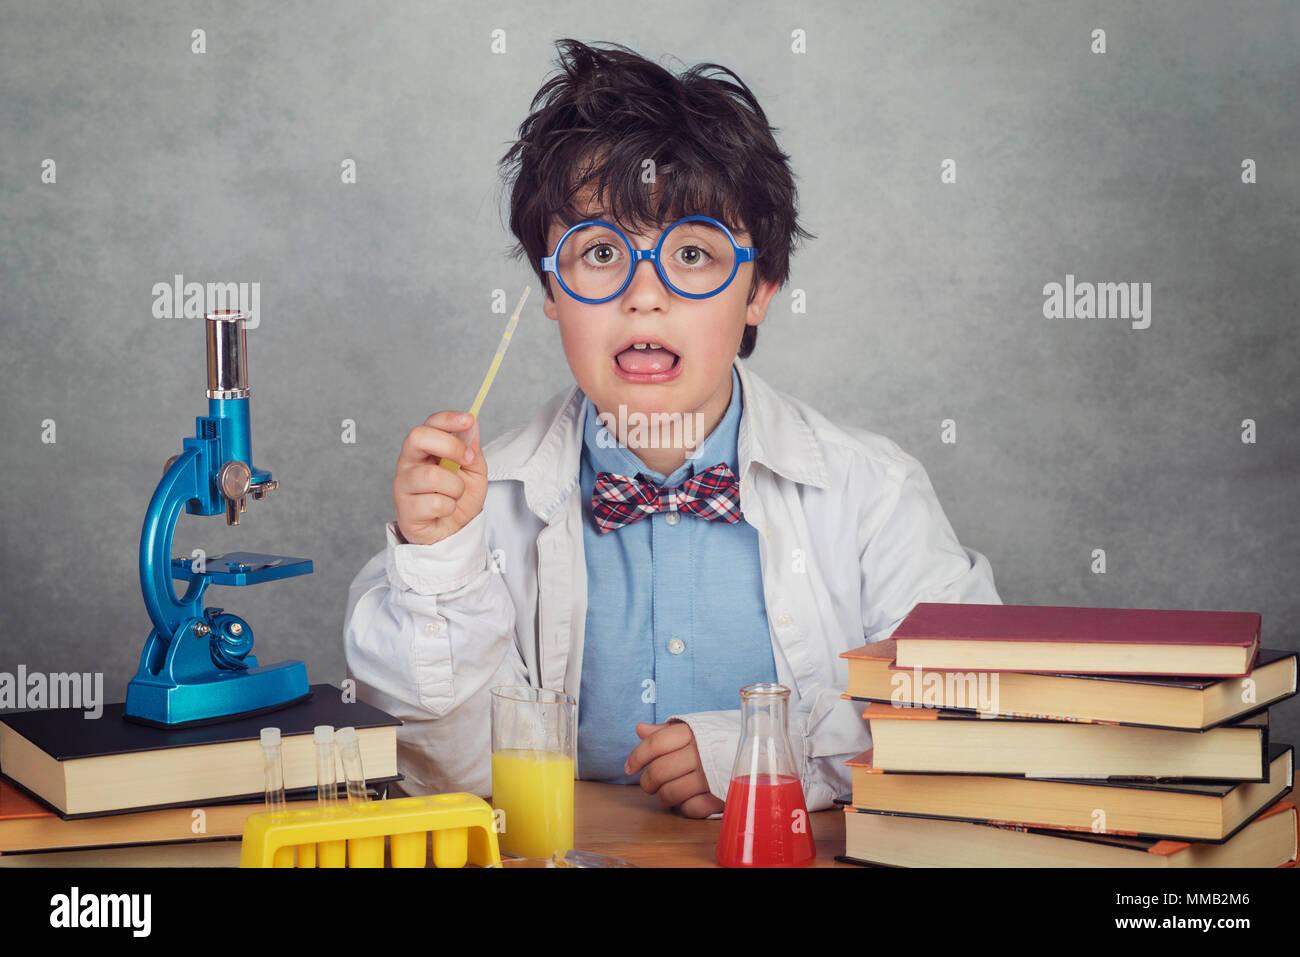 Junge ist die Wissenschaft Experimente im Labor auf grauem Hintergrund Stockbild